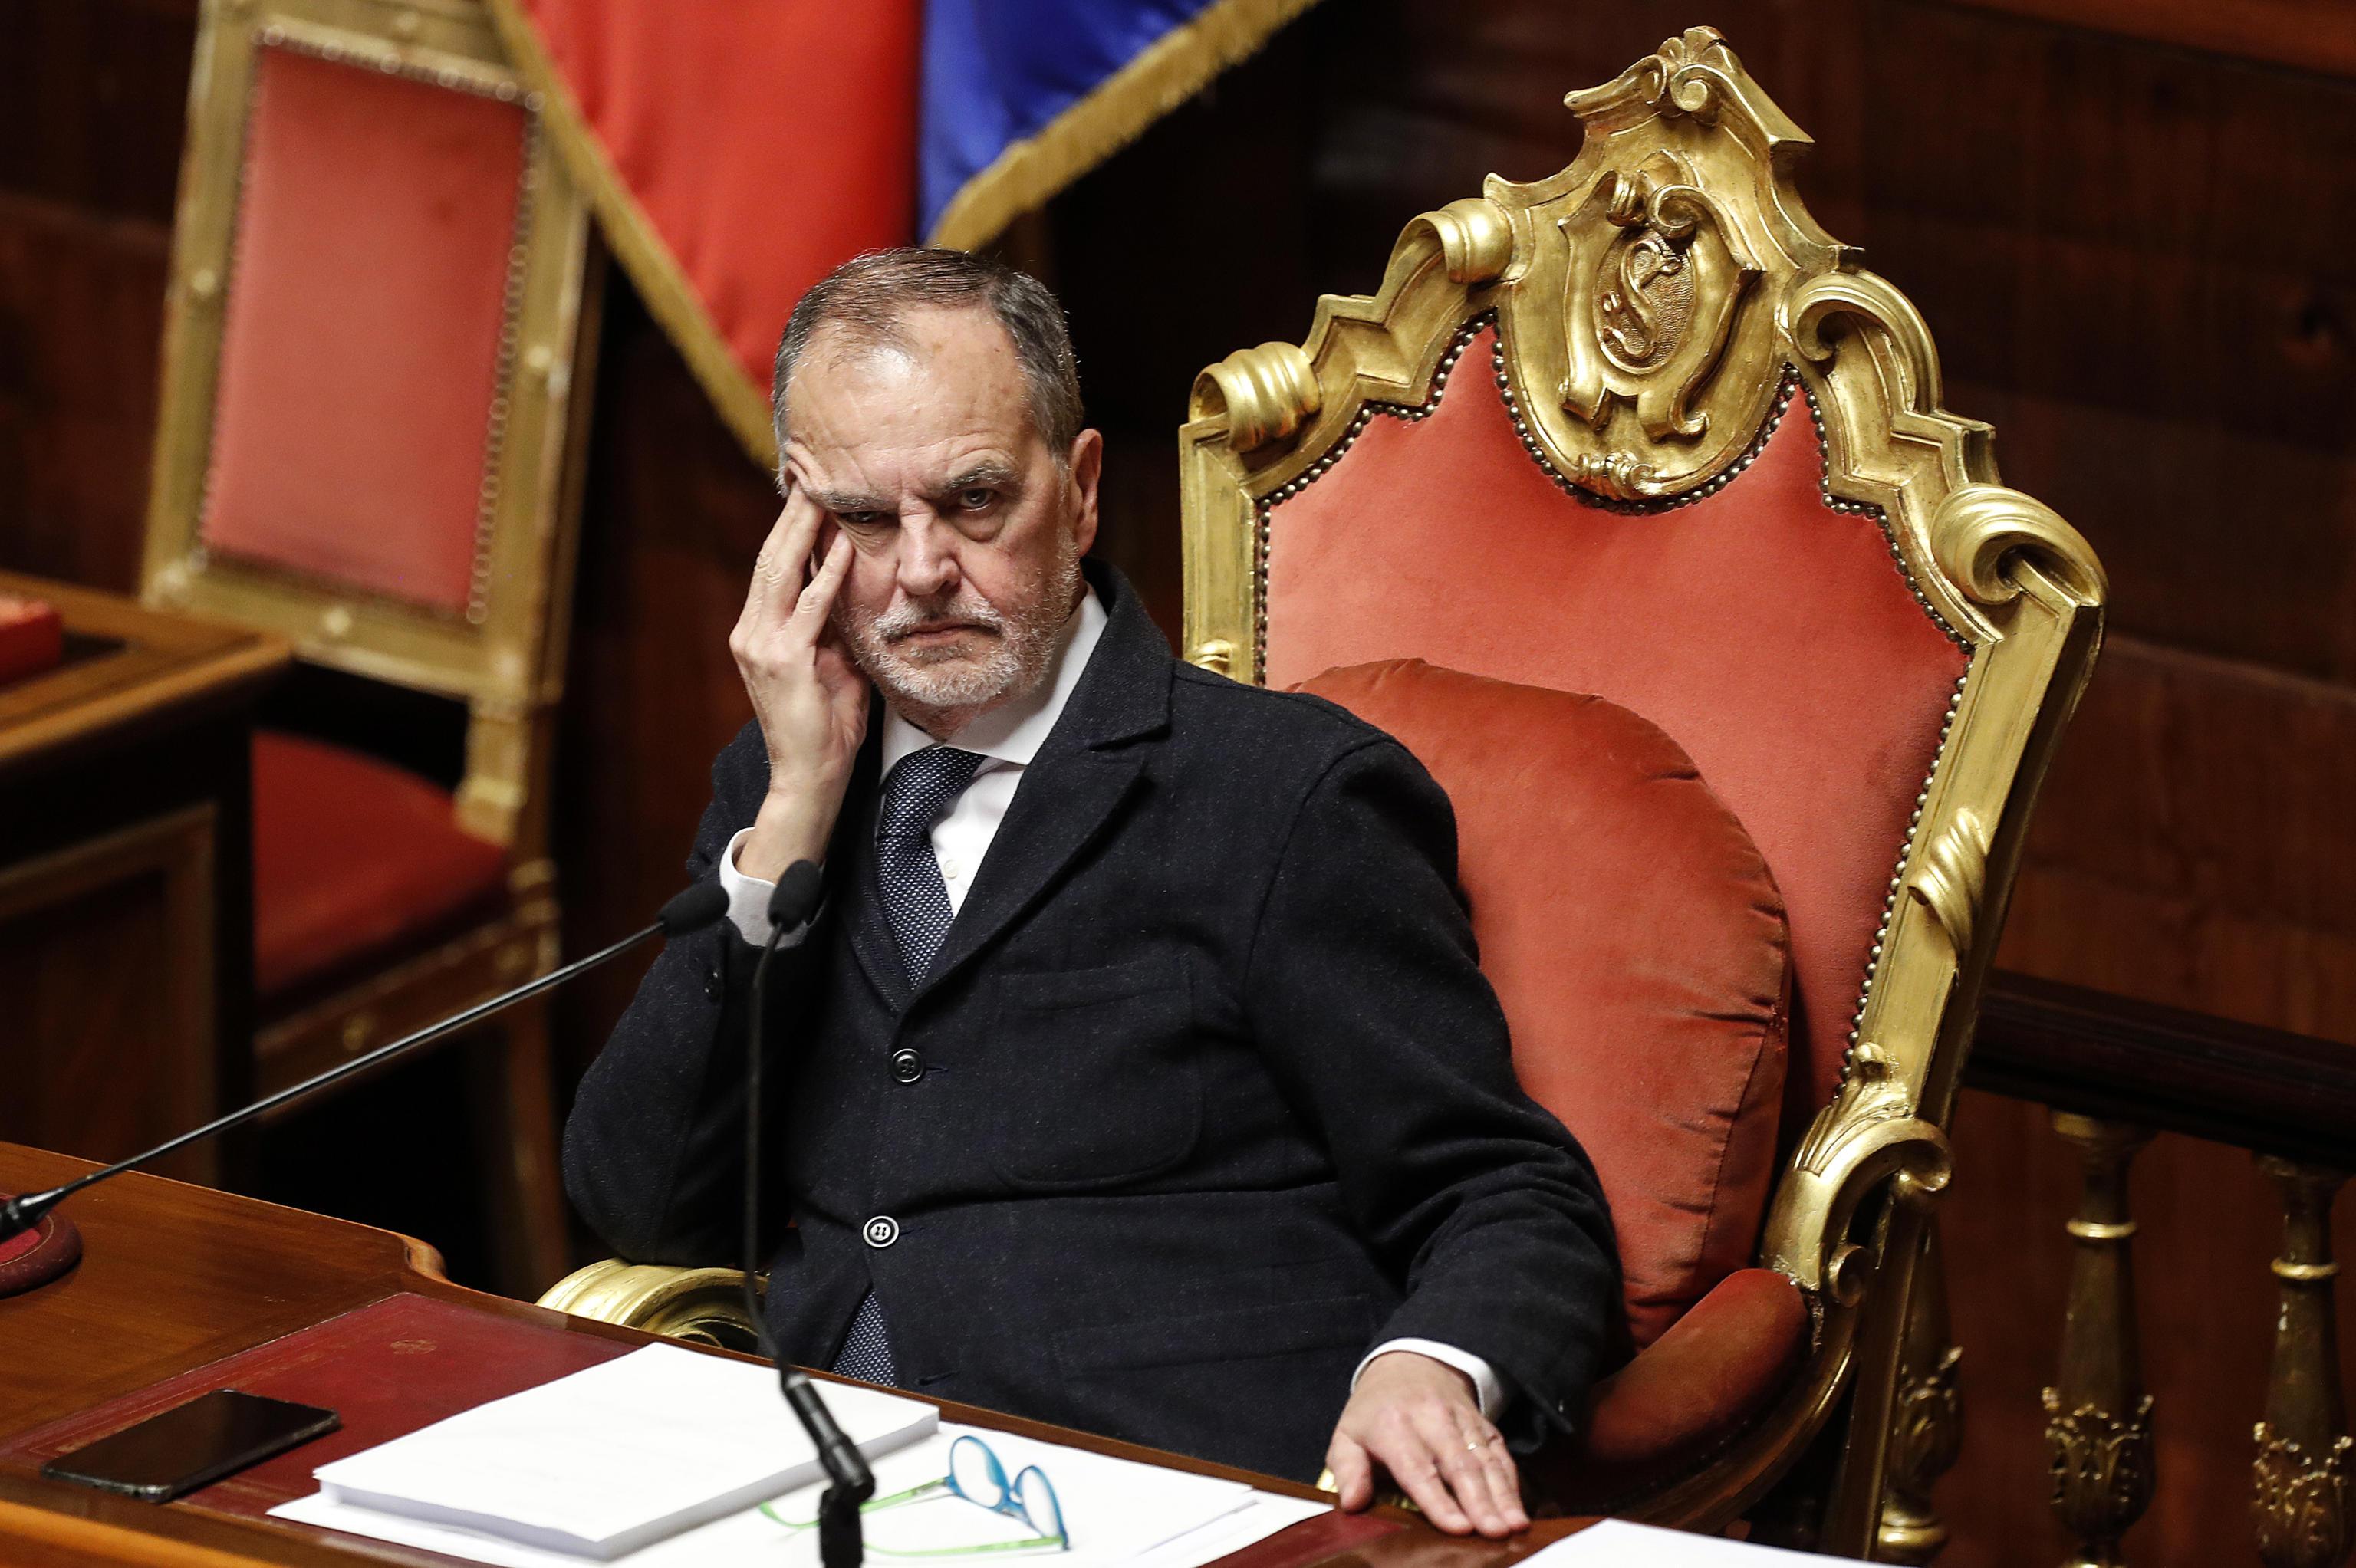 Anche Calderoli festeggia il Ddl Zan affossato: «Devo dire che ci ho proprio goduto»